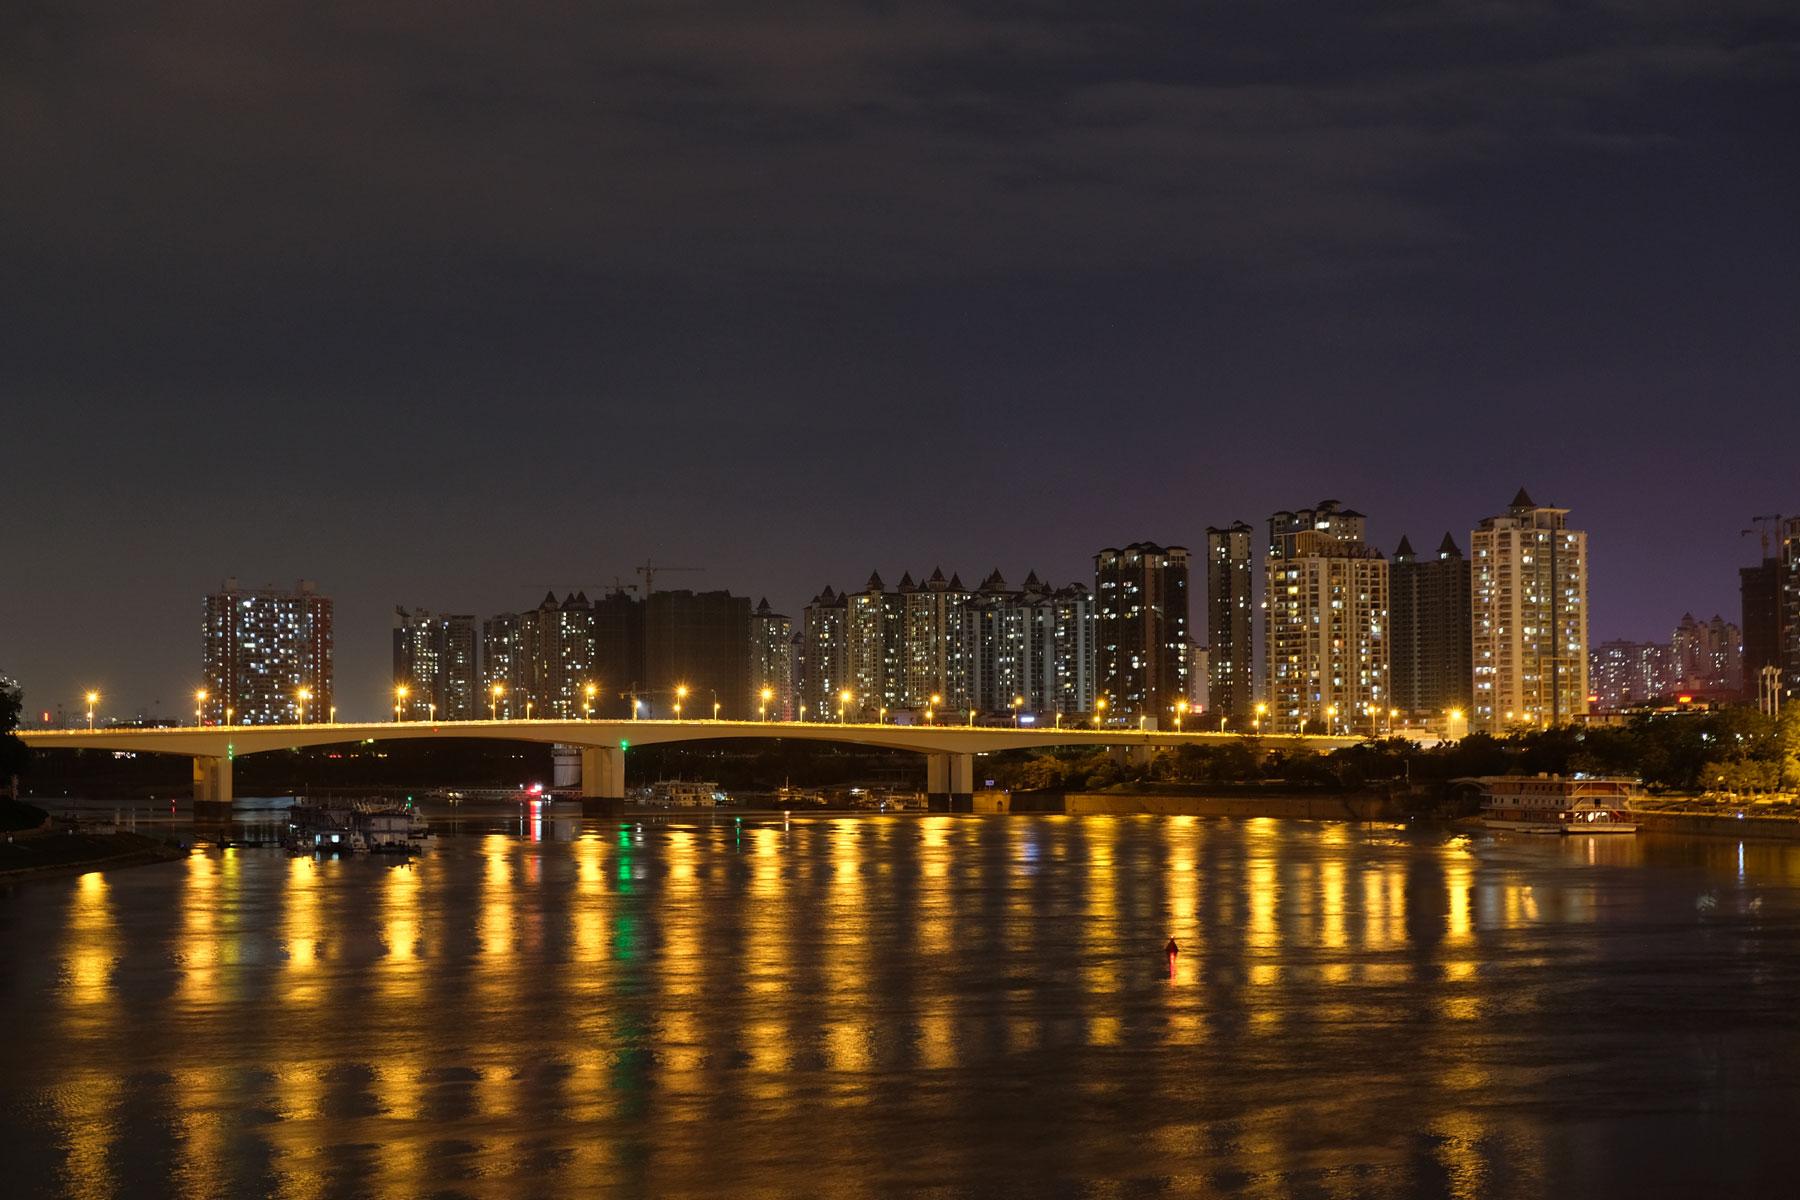 Beleuchtete Hochhäuser leuchten über den Fluss hinweg in Nanning in China.